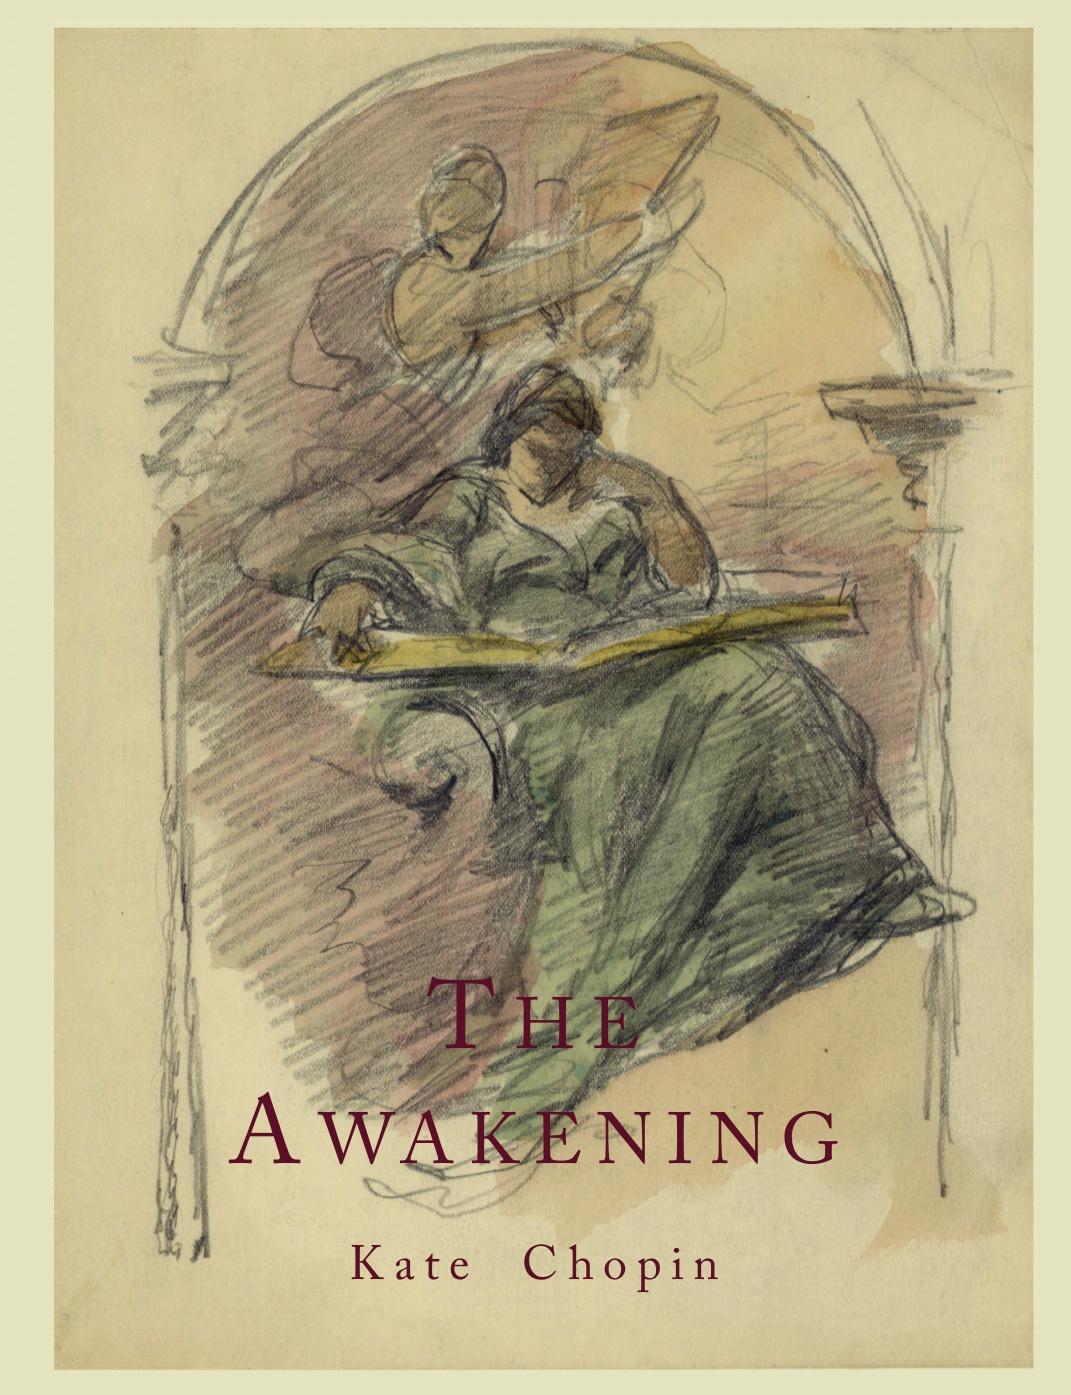 Kate Chopin The Awakening kate chopin the awakening wisehouse classics original authoritative edition 1899